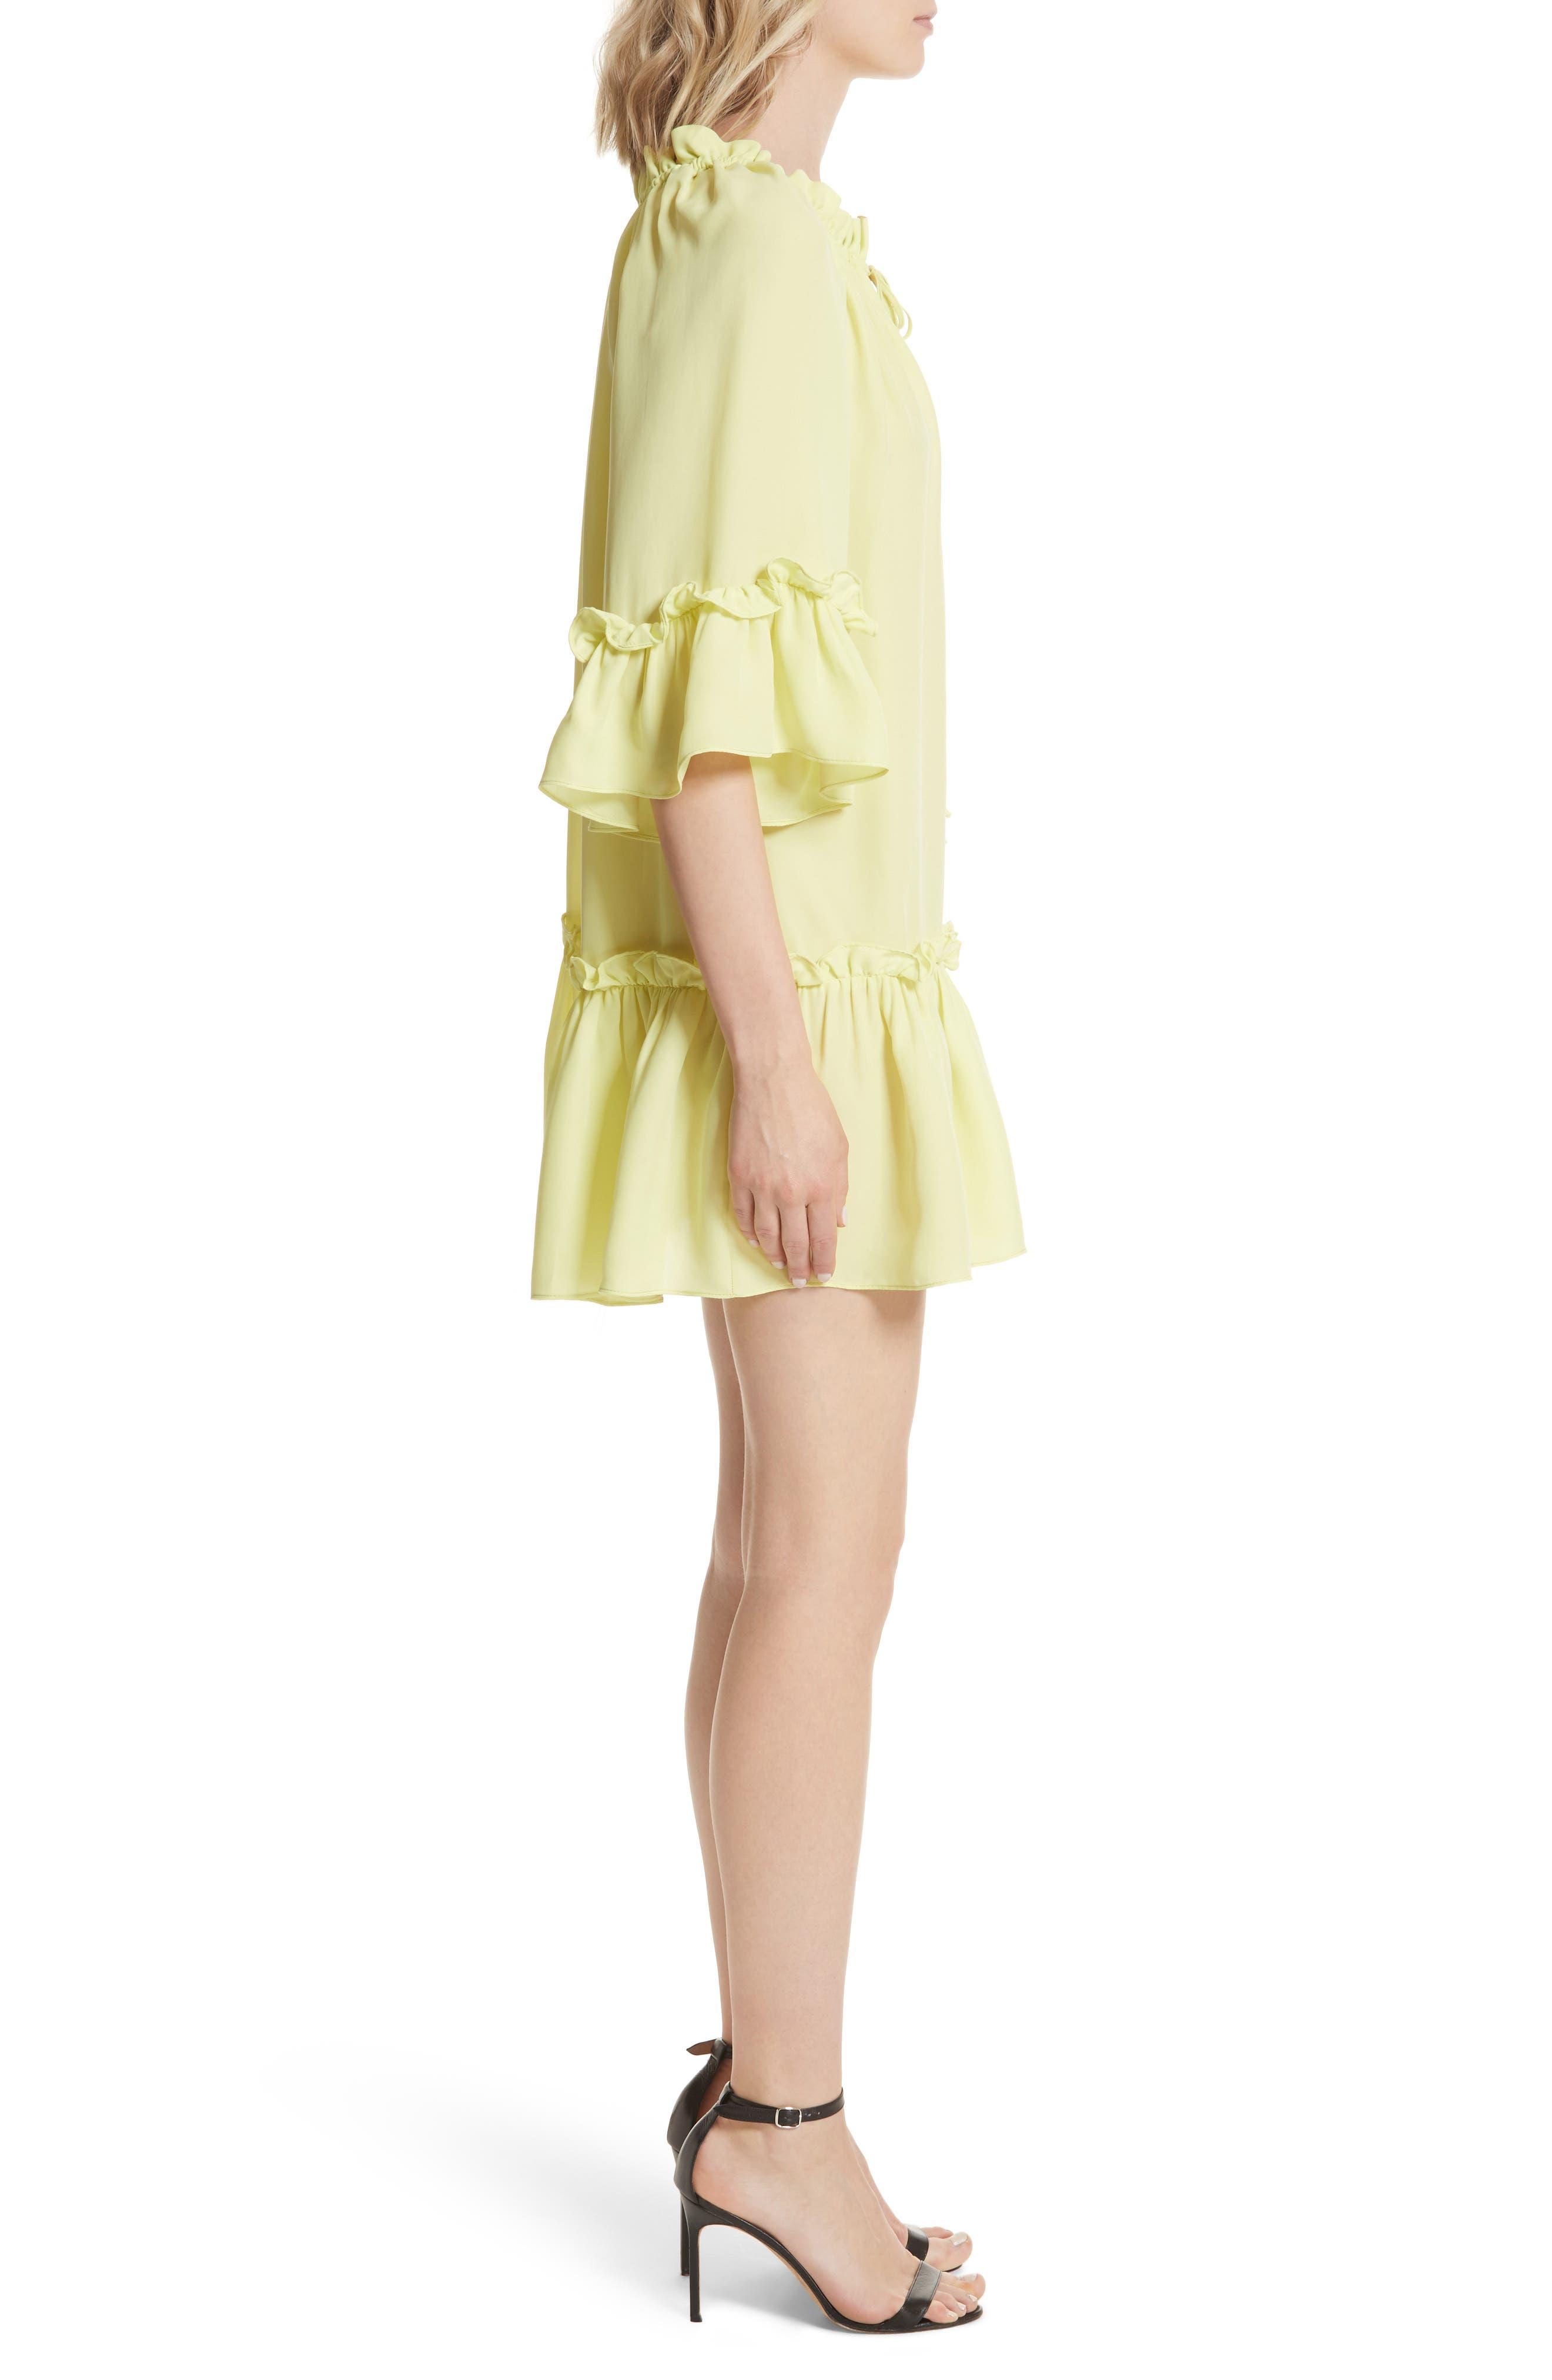 Santorini Ruffle Mini Dress,                             Alternate thumbnail 3, color,                             Lemon Yellow